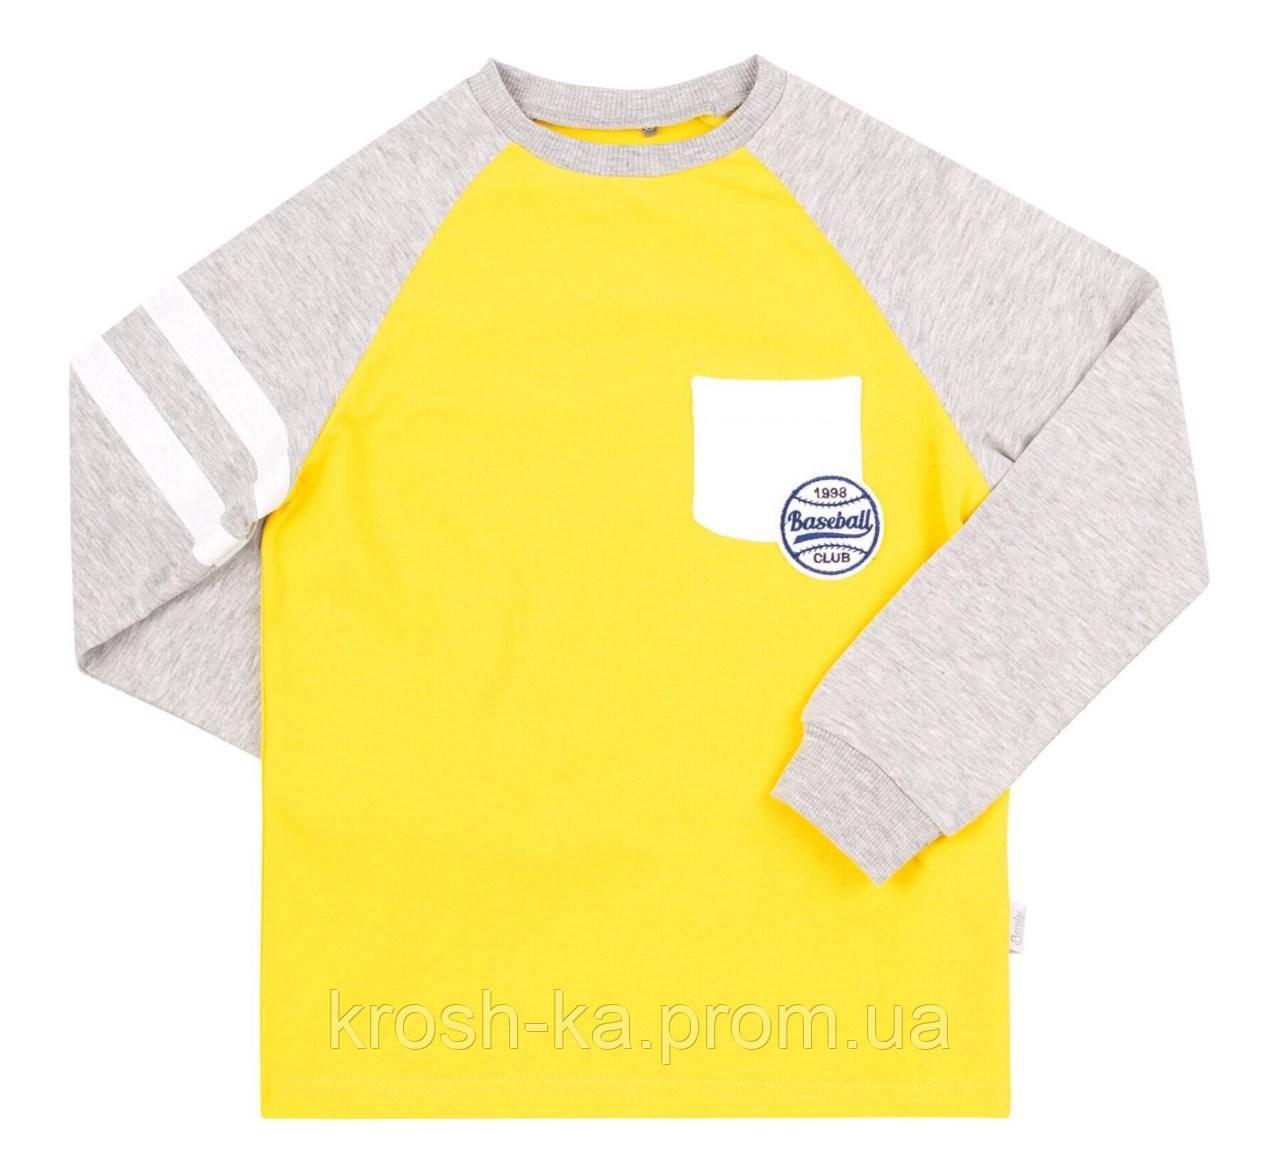 Реглан для мальчика супрен жёлтый (104-146)р (Bembi)Бемби Украина ФБ755